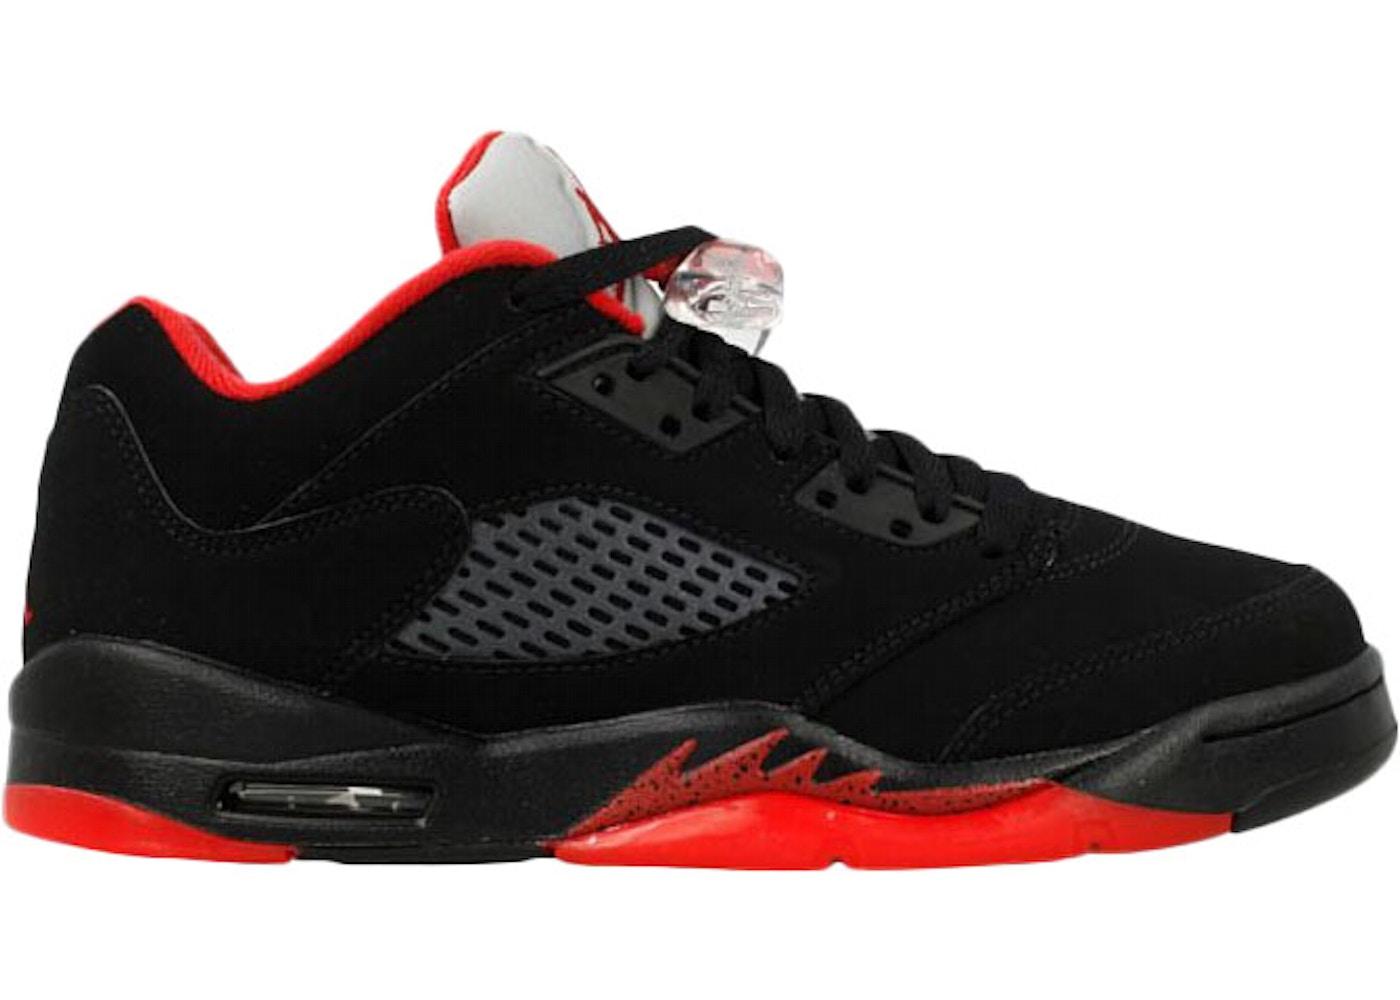 separation shoes 92679 2946a Jordan 5 Retro Low Alternate 90 (GS)